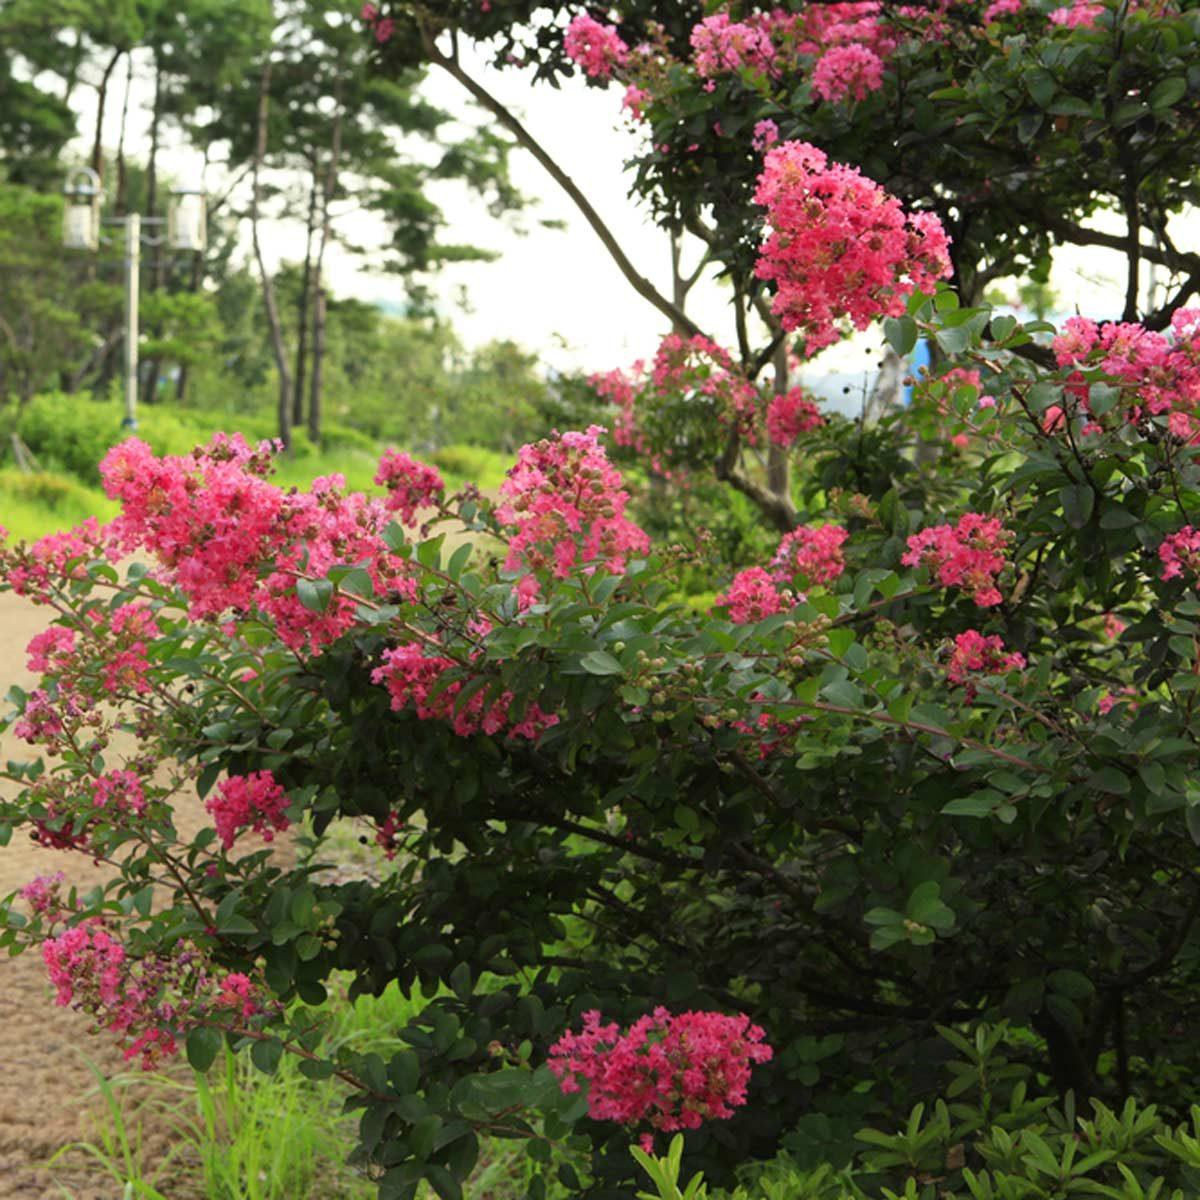 Crape Myrtle flowering shrub